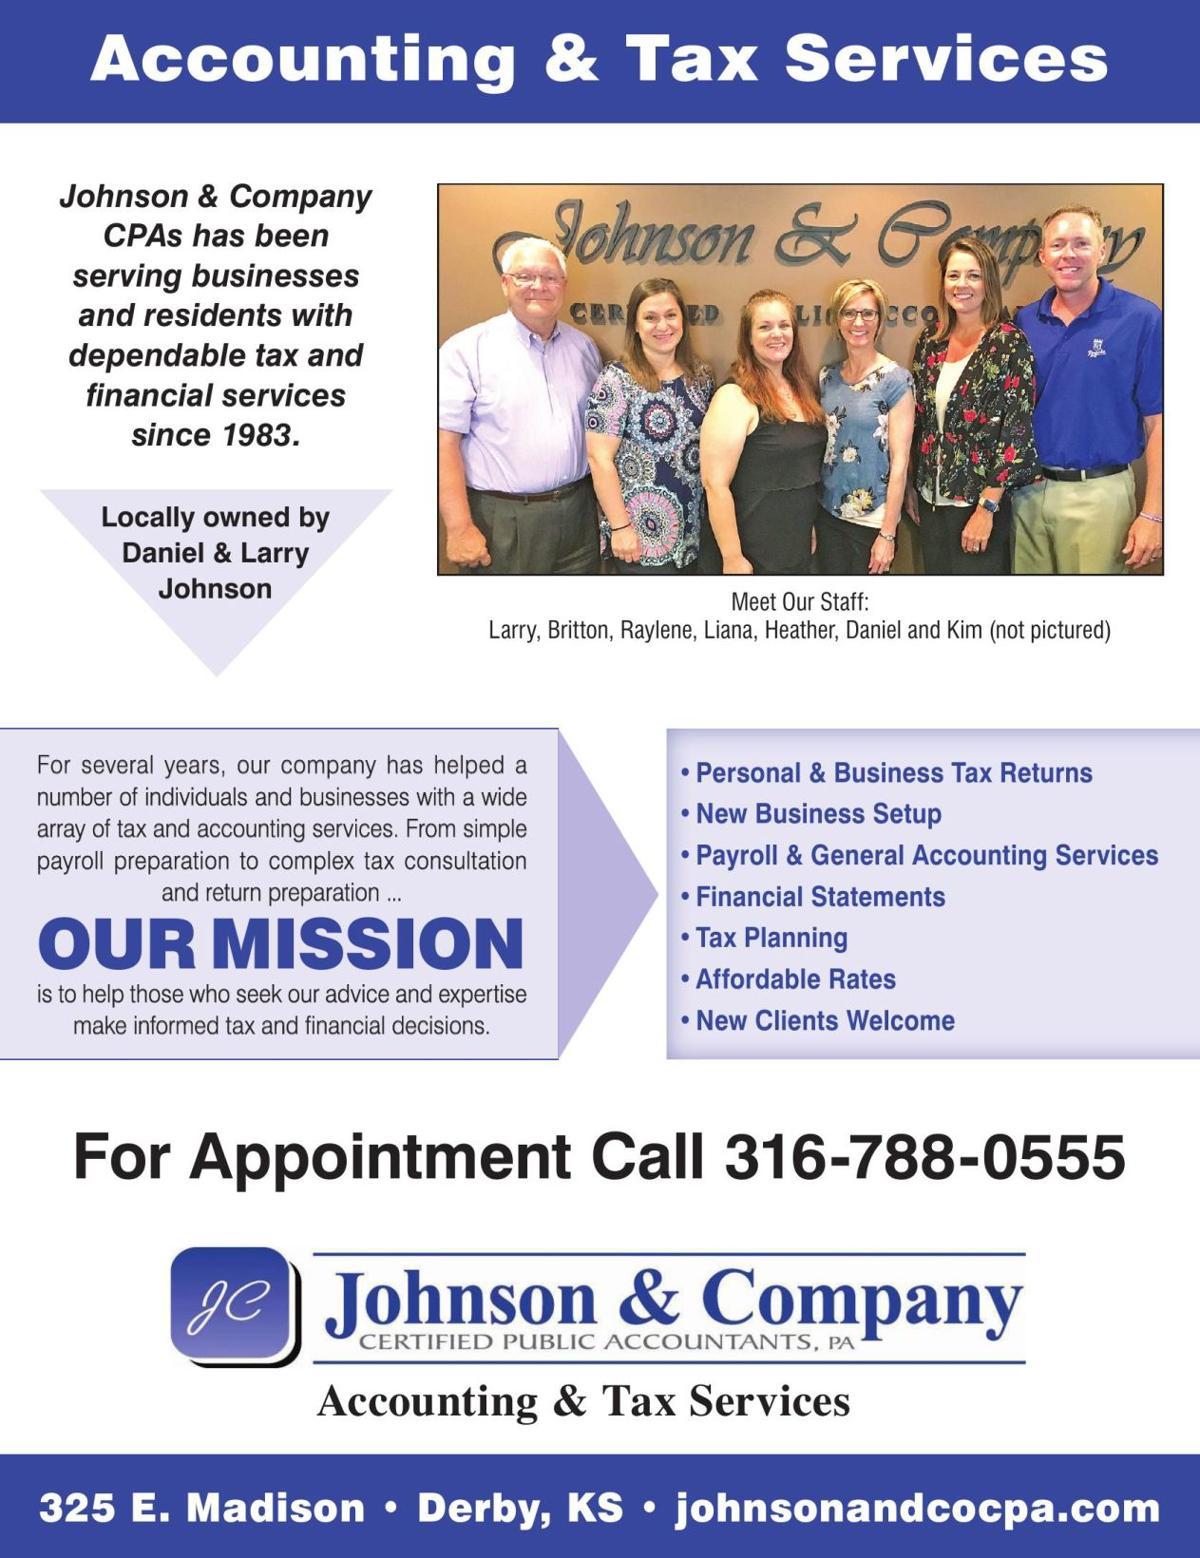 Johnson & Company CPAs